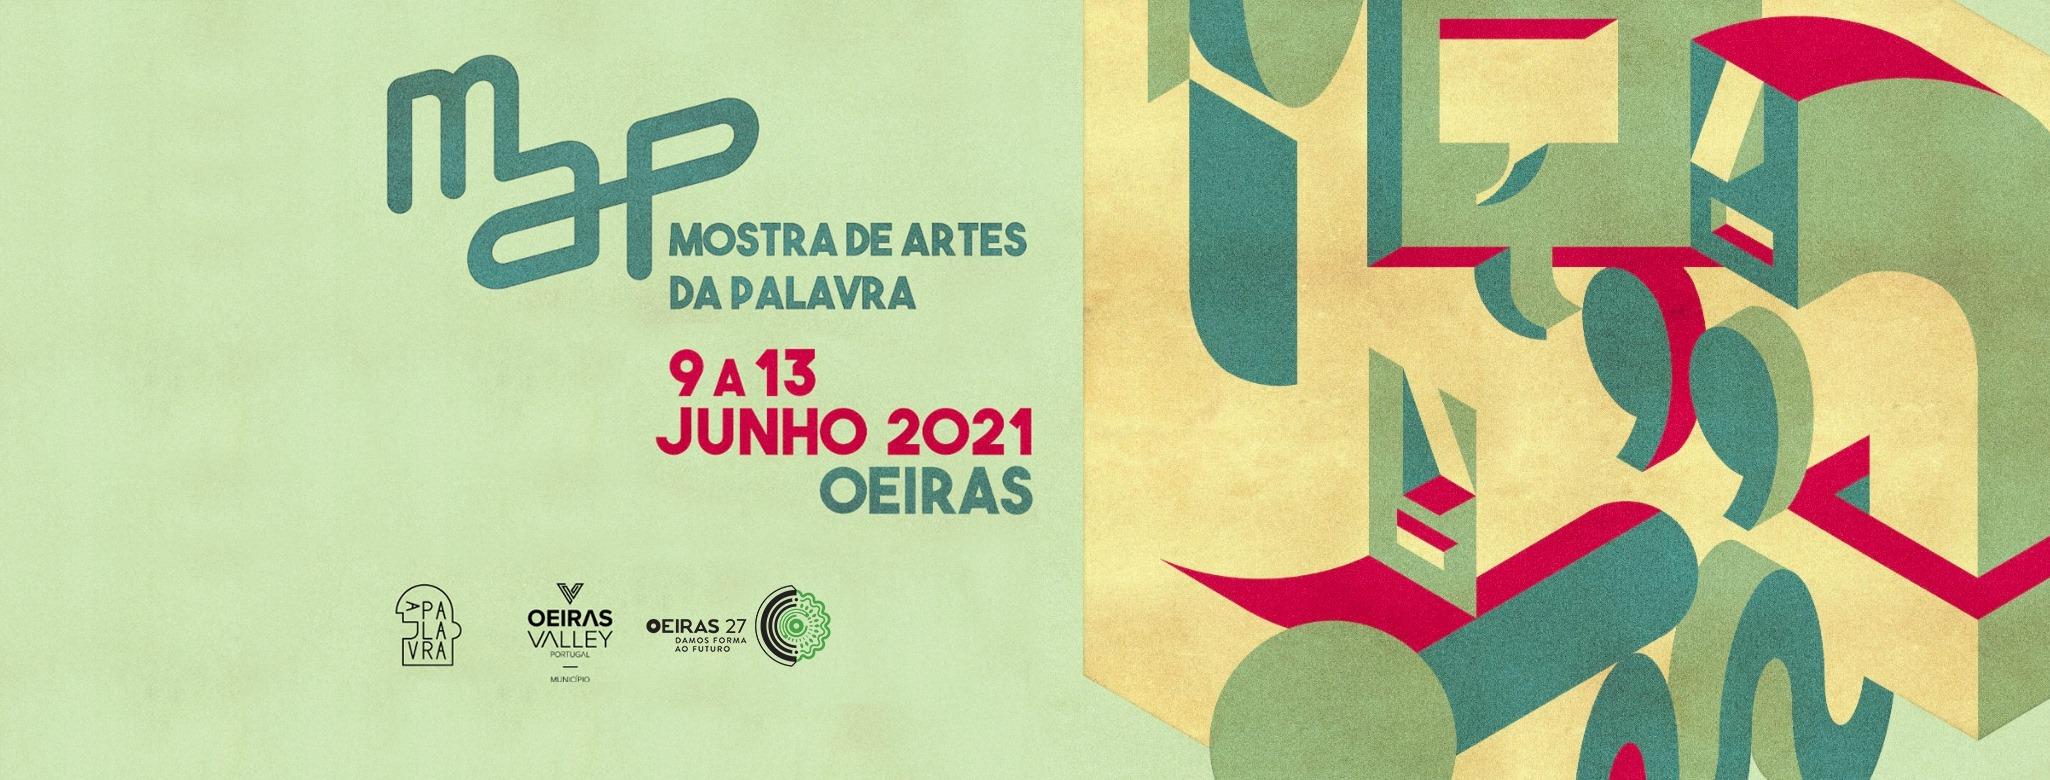 Festival MAP - Mostra de Artes da Palavra 2021